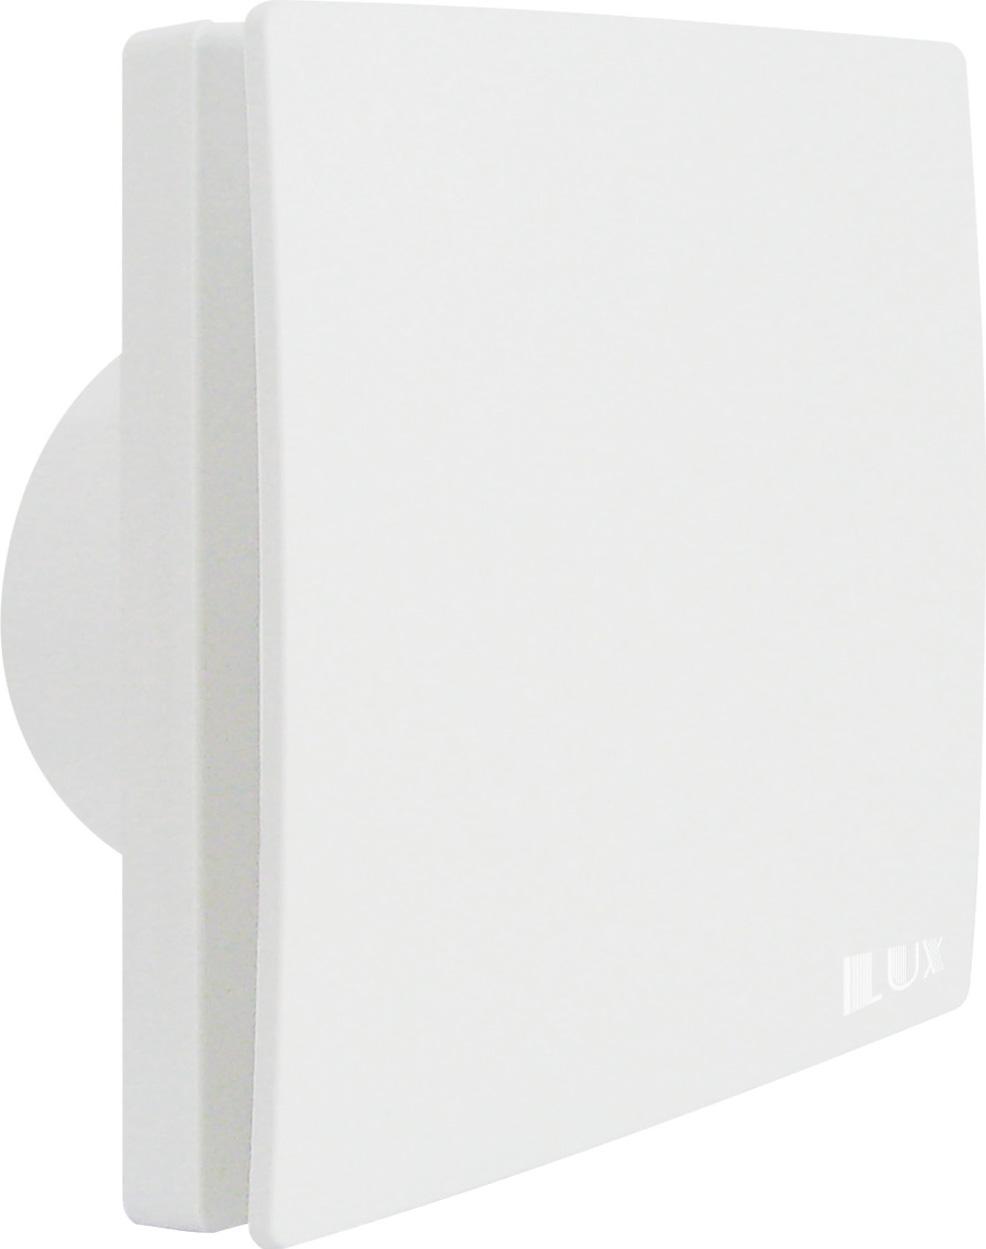 LUX Aspiratore Elettrico da Muro Automatico 30518